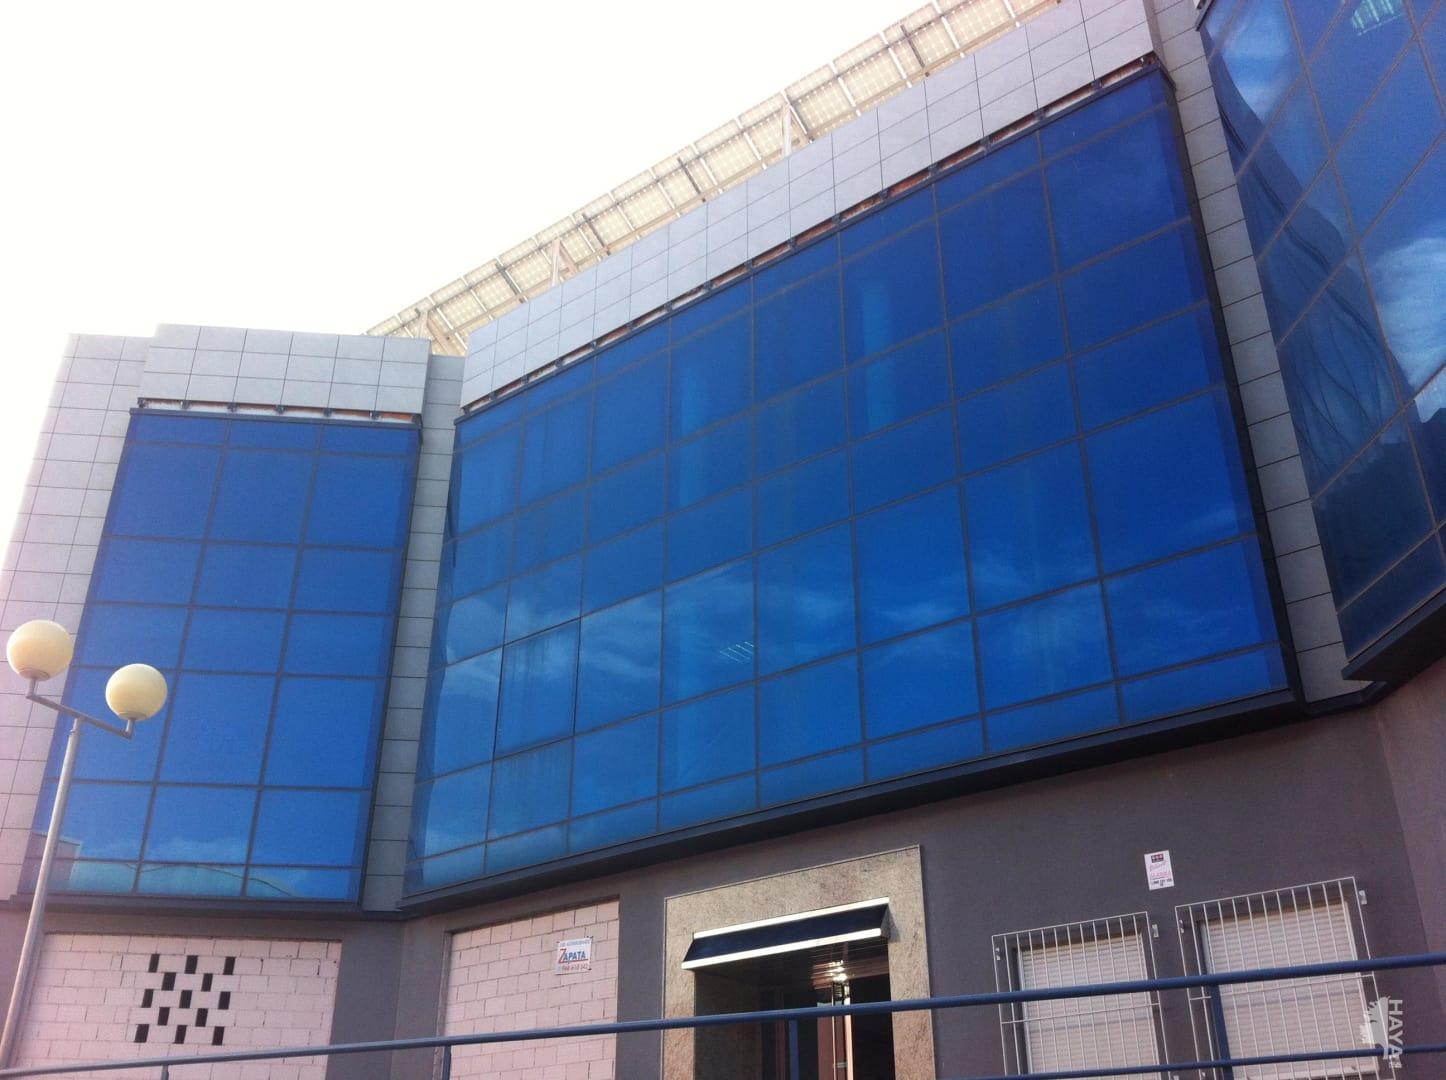 Oficina en venta en Molina de Segura, Murcia, Calle Via Lactea, 140.100 €, 240 m2